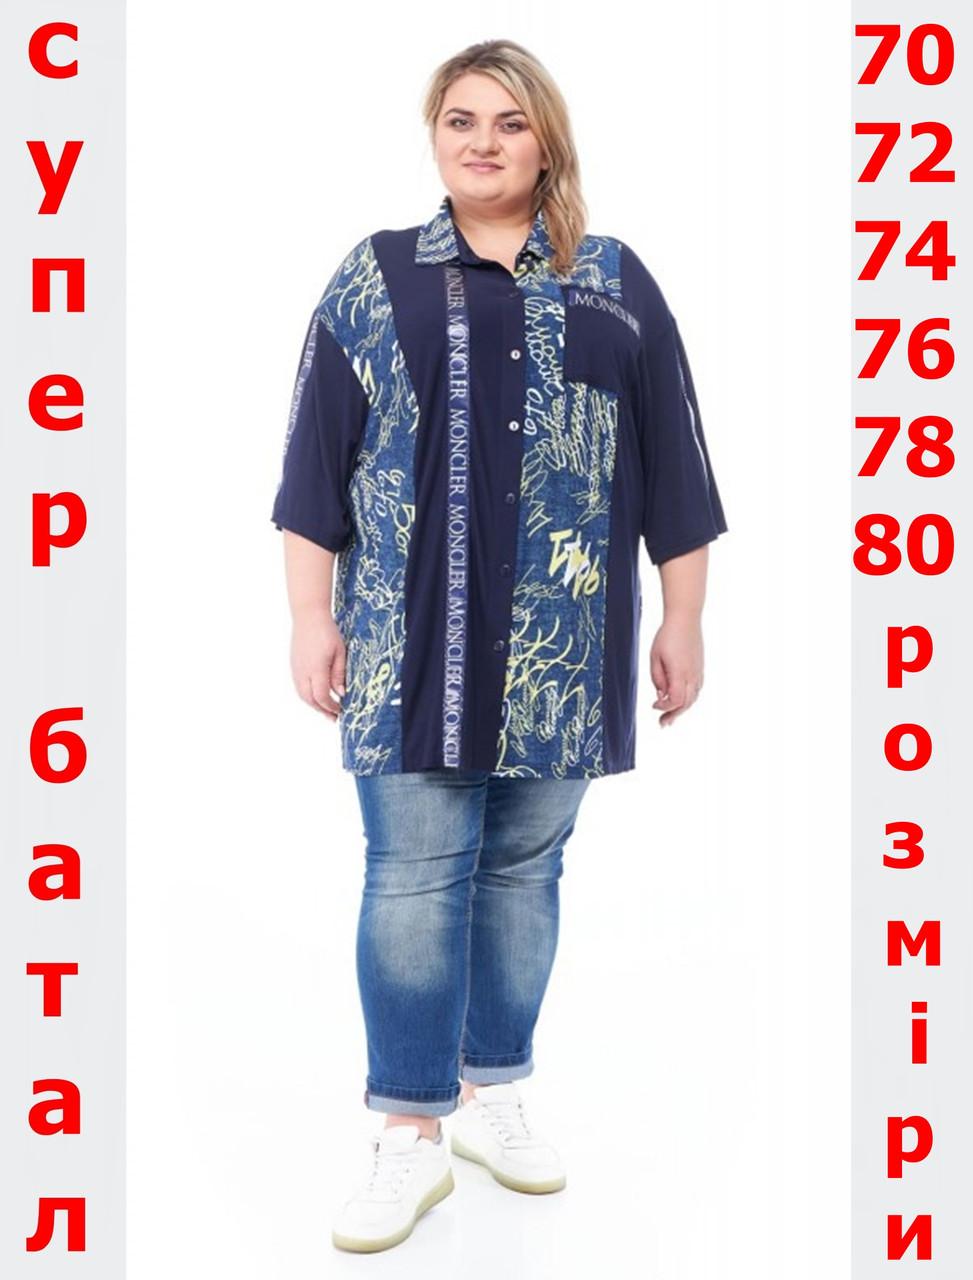 Сорочка жіноча від 70 до 80 великі розміри СУПЕР БАТАЛ